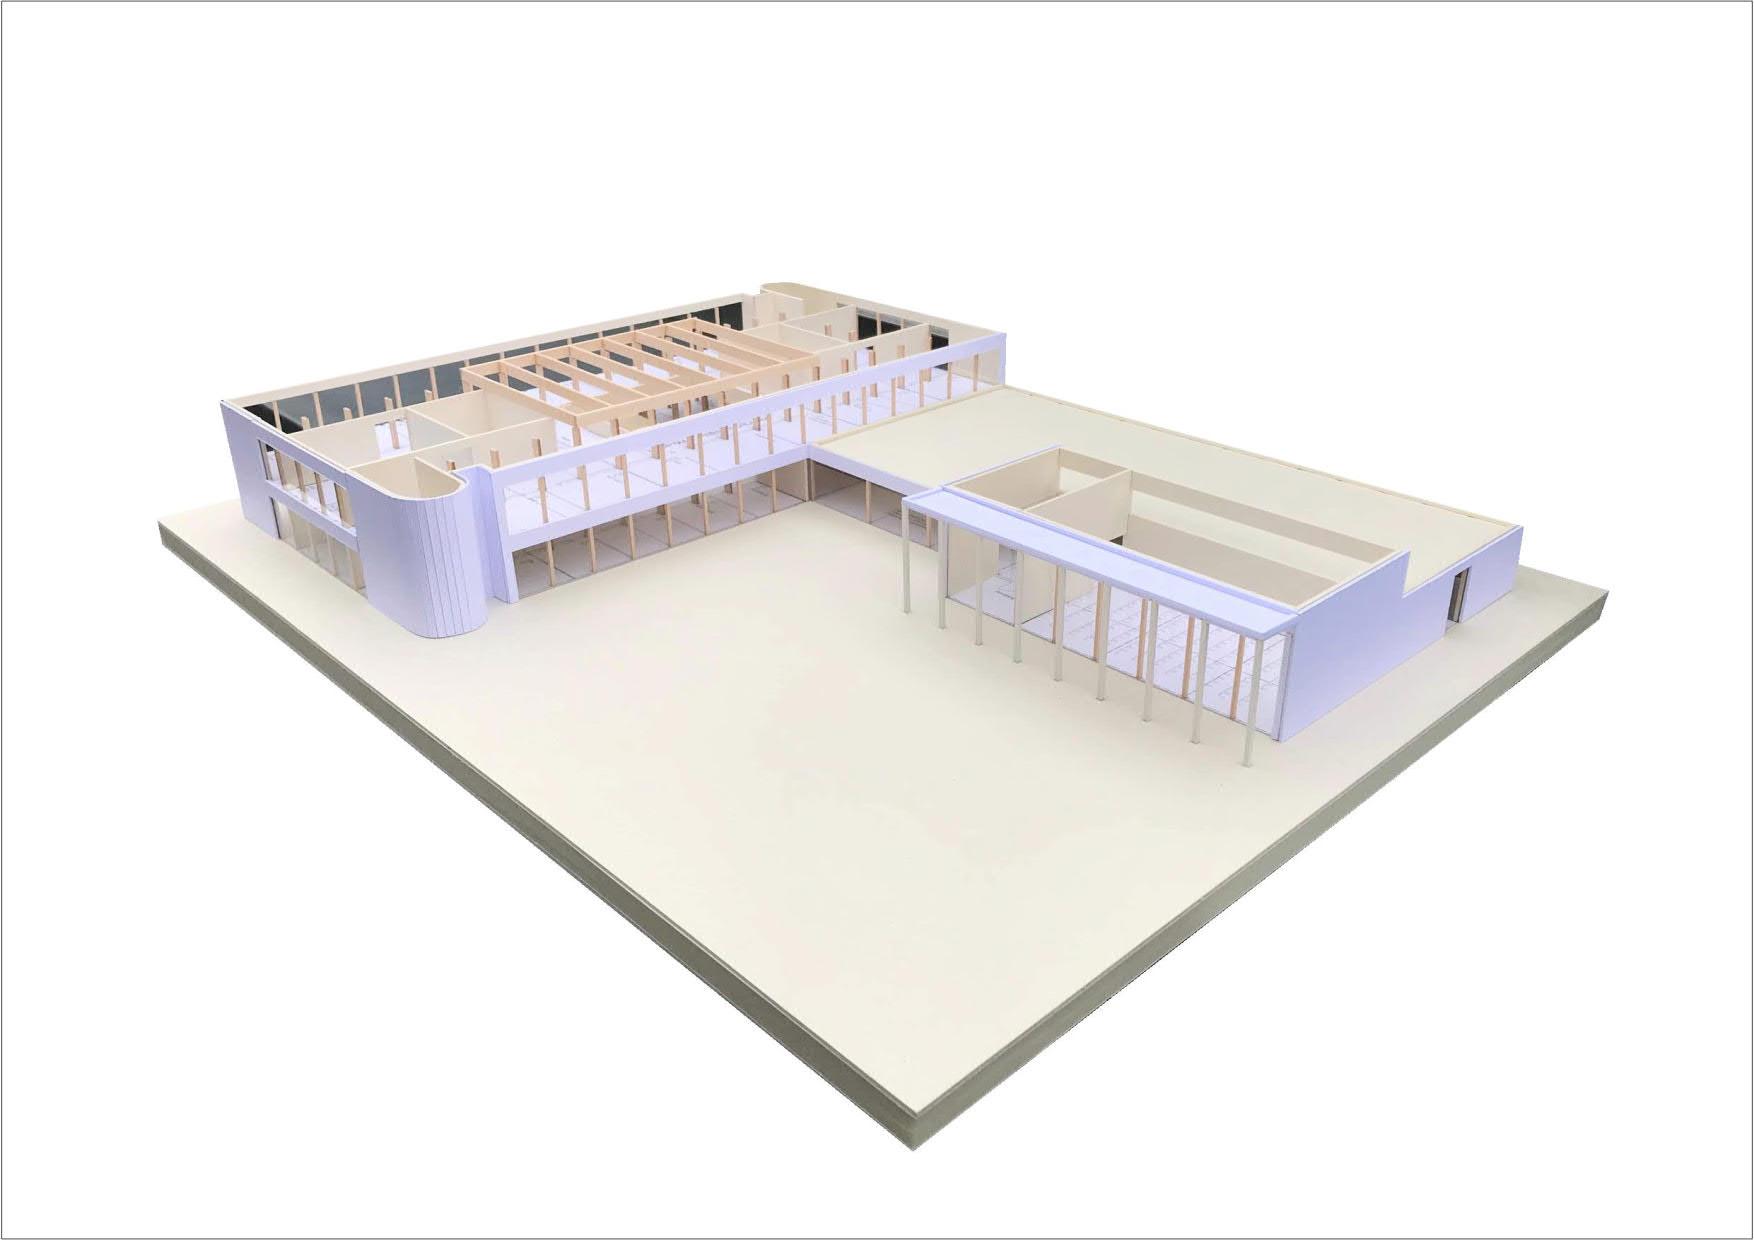 Modell des neuen Rat- und Bürgerhauses in Barßel Bildquelle: Matthias Schneider